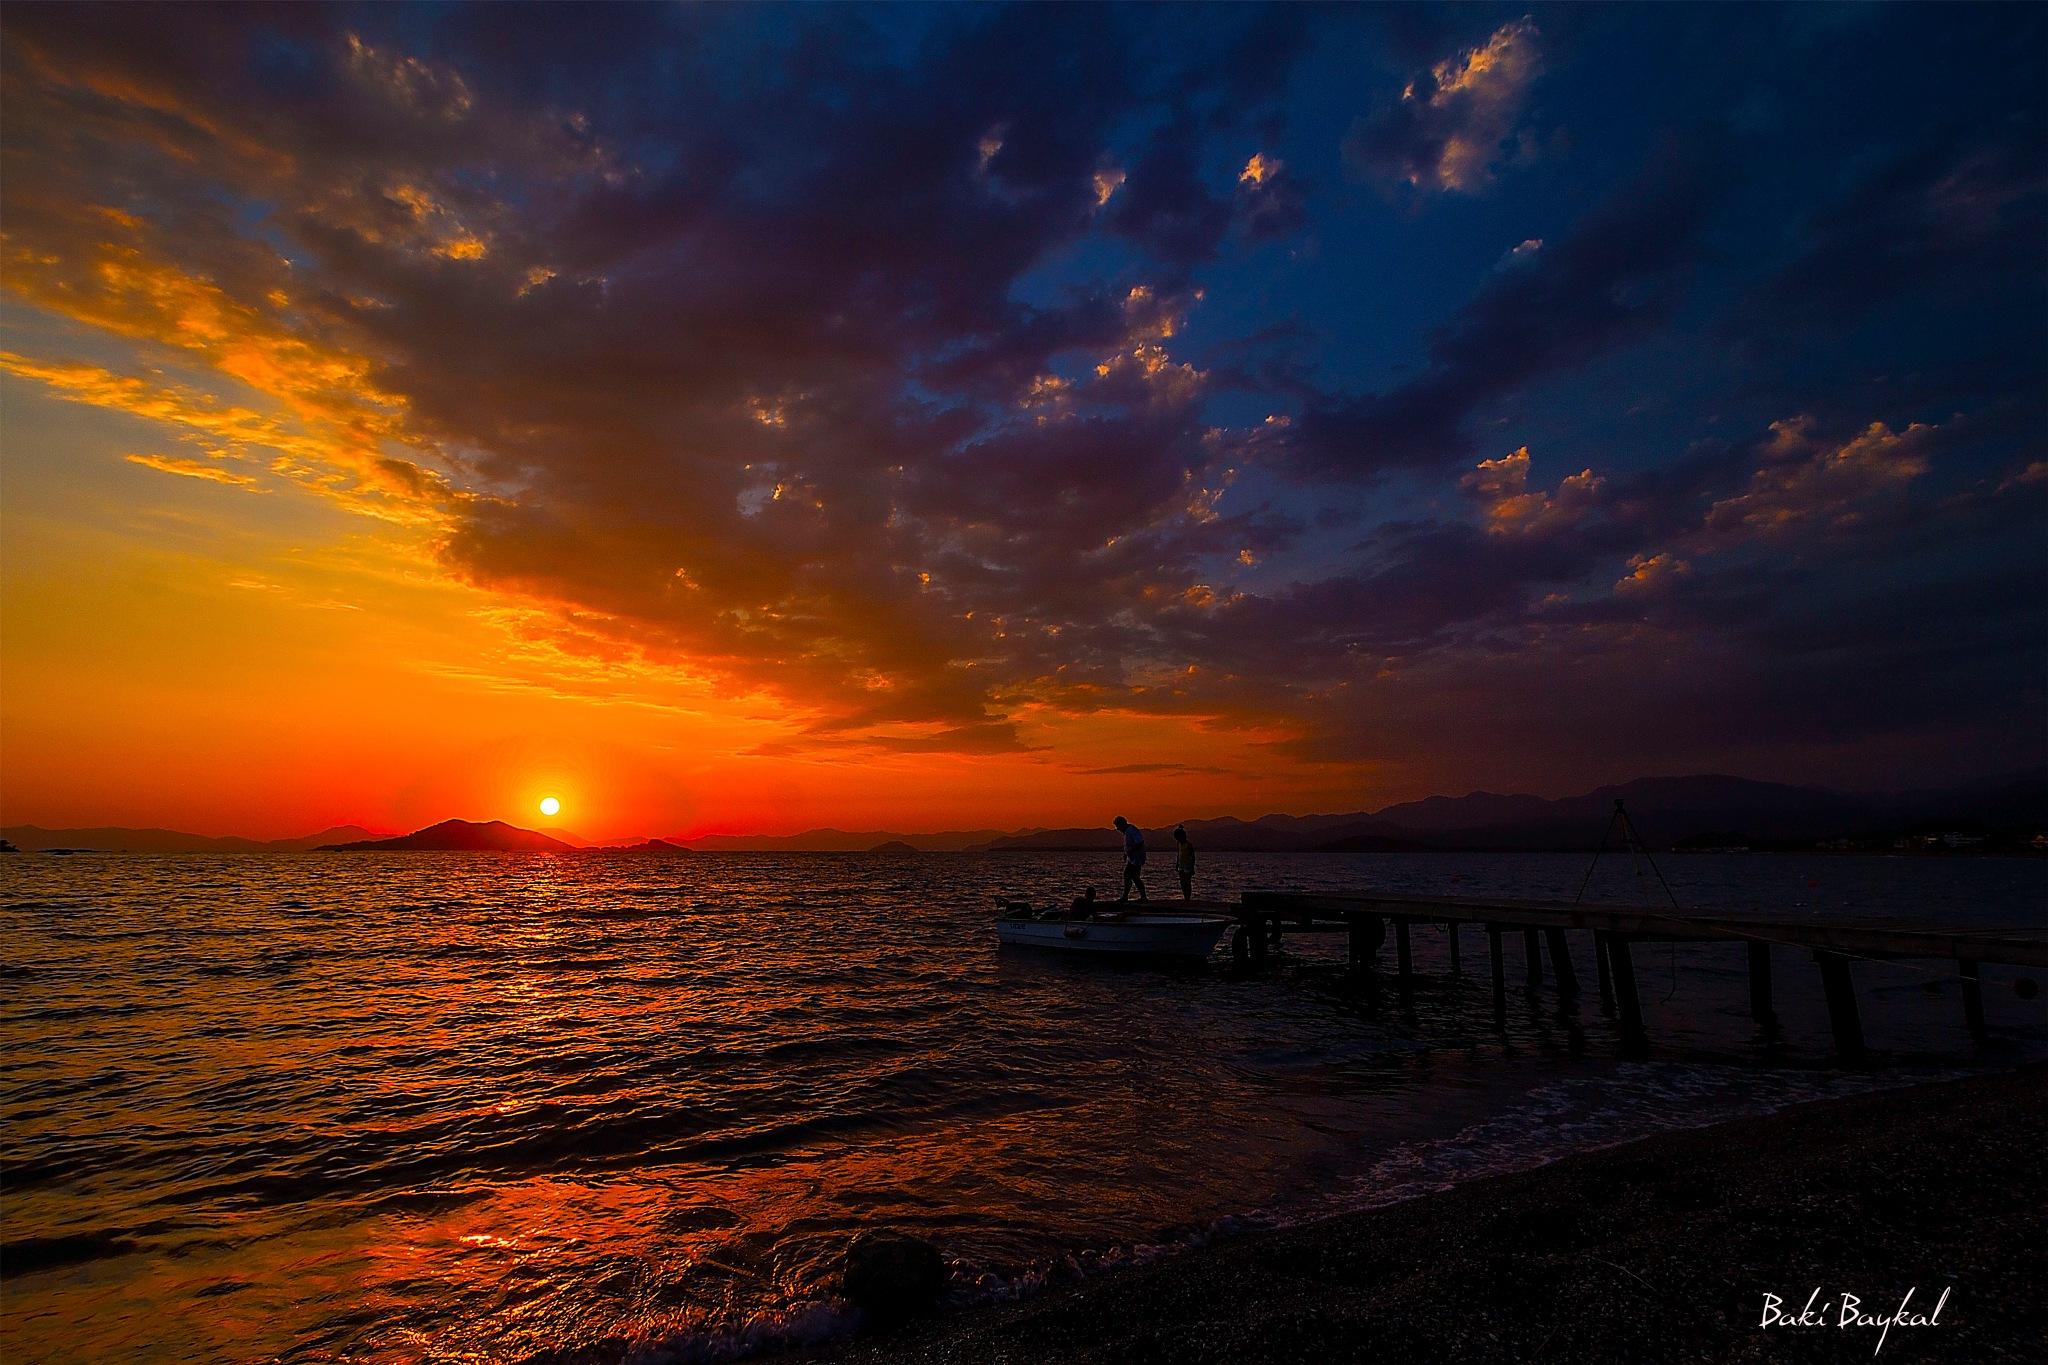 Enjoying the sunset on the Calıs beach by Baki Baykal